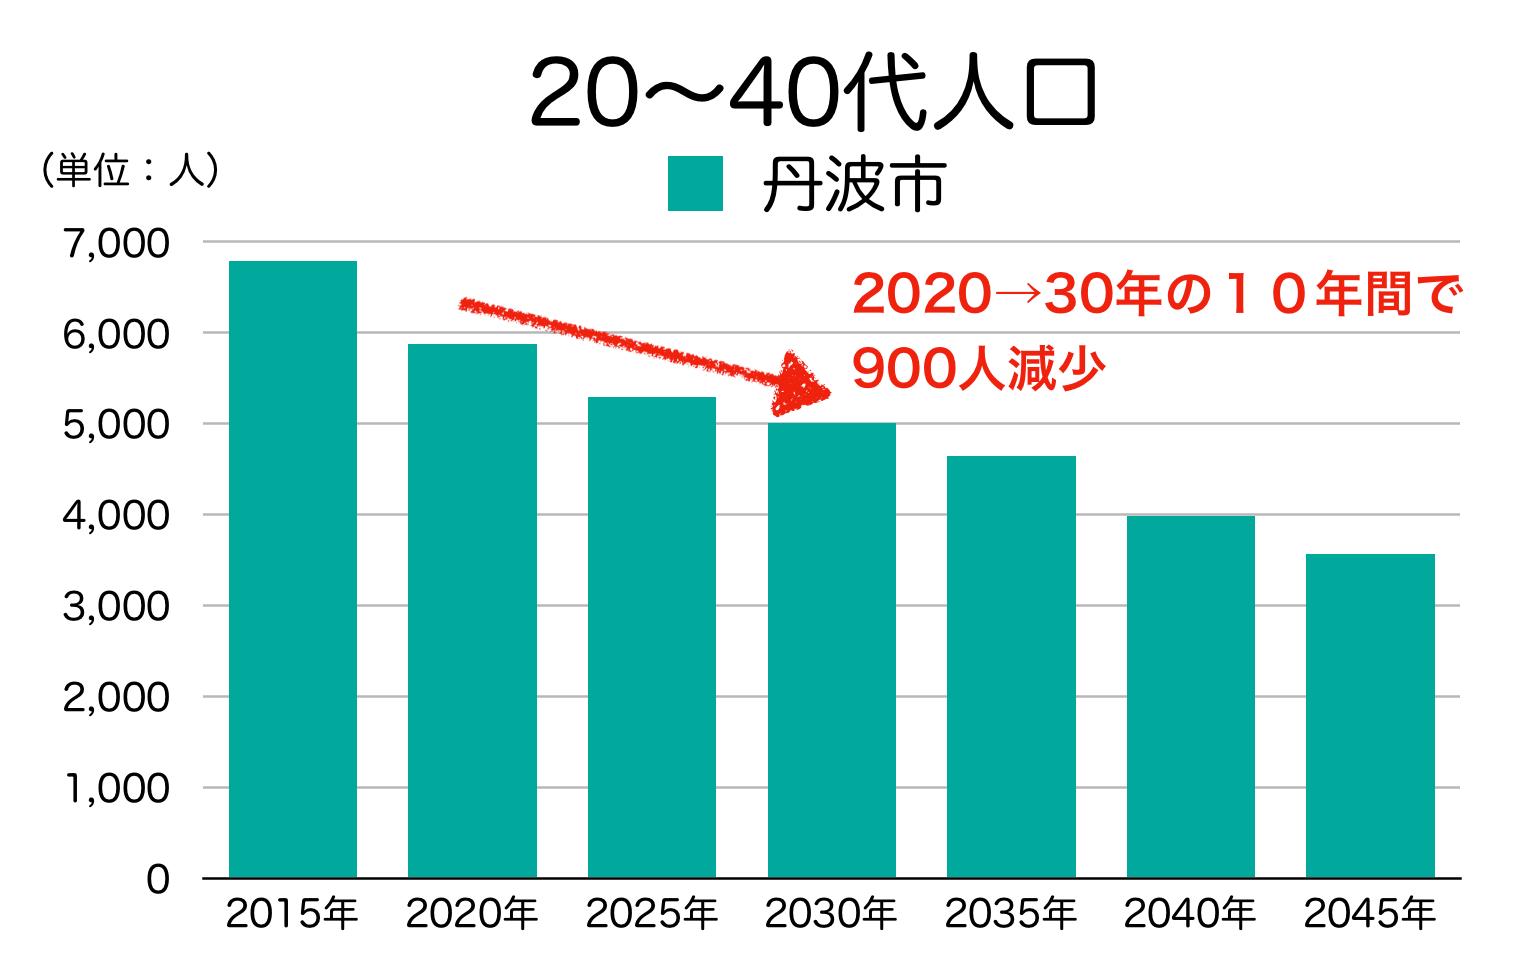 丹波市の20〜40代人口の予測